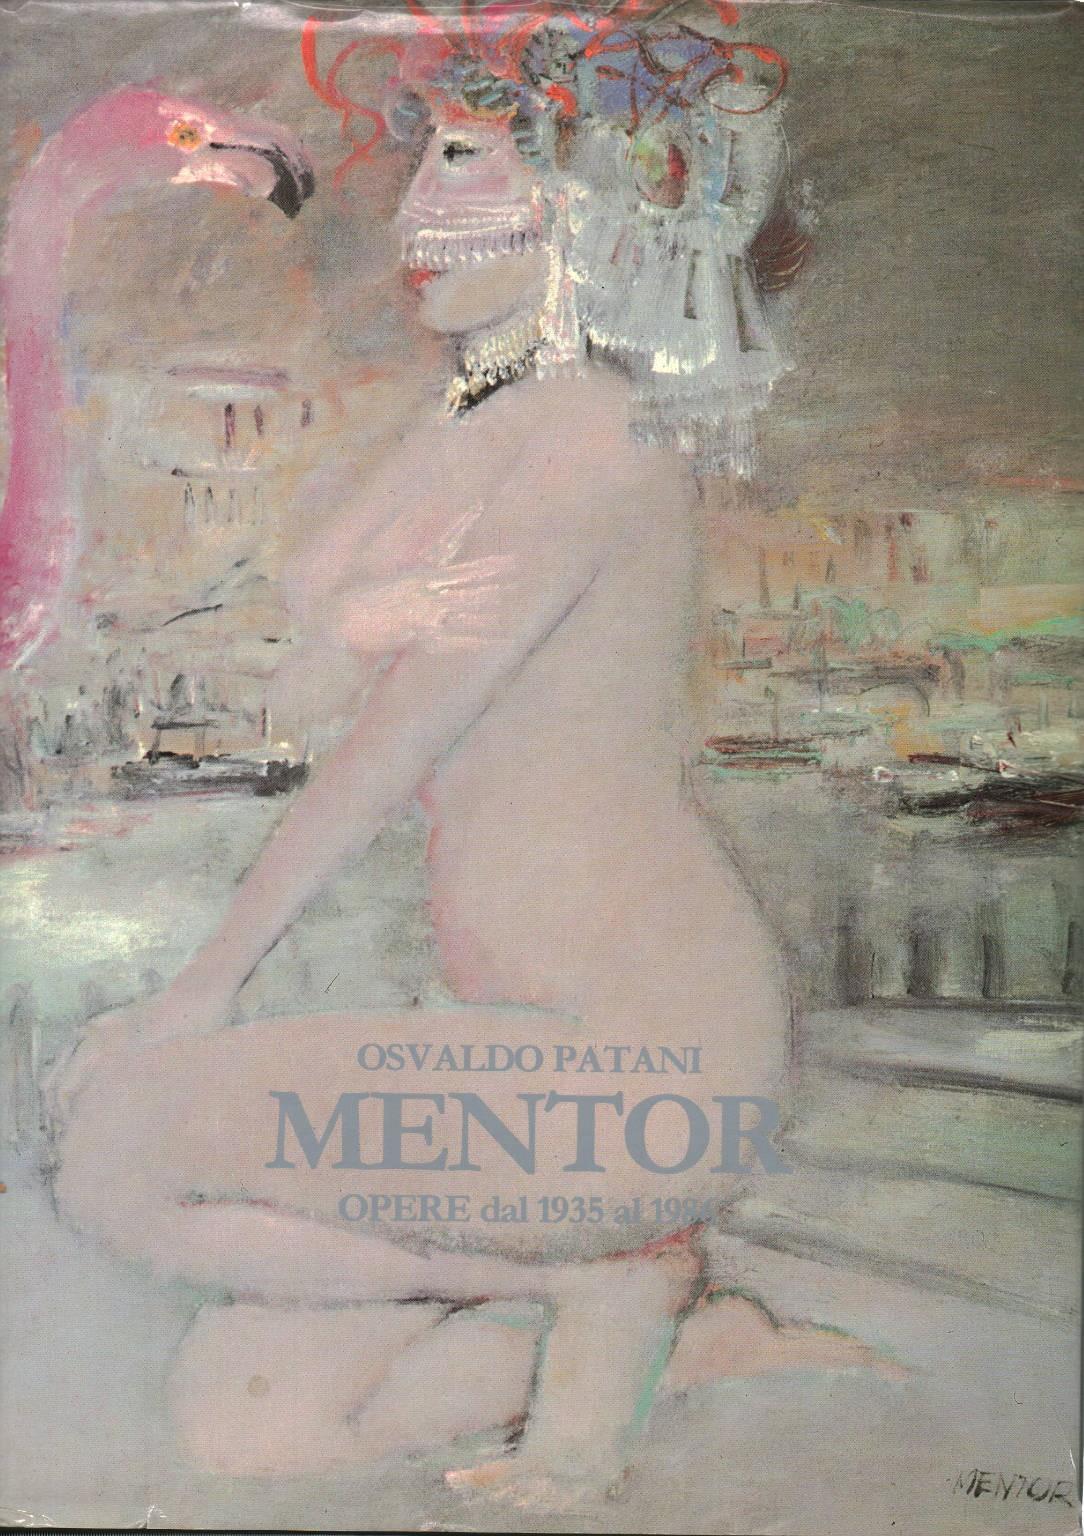 Mentor Opere dal 1935 al 1986